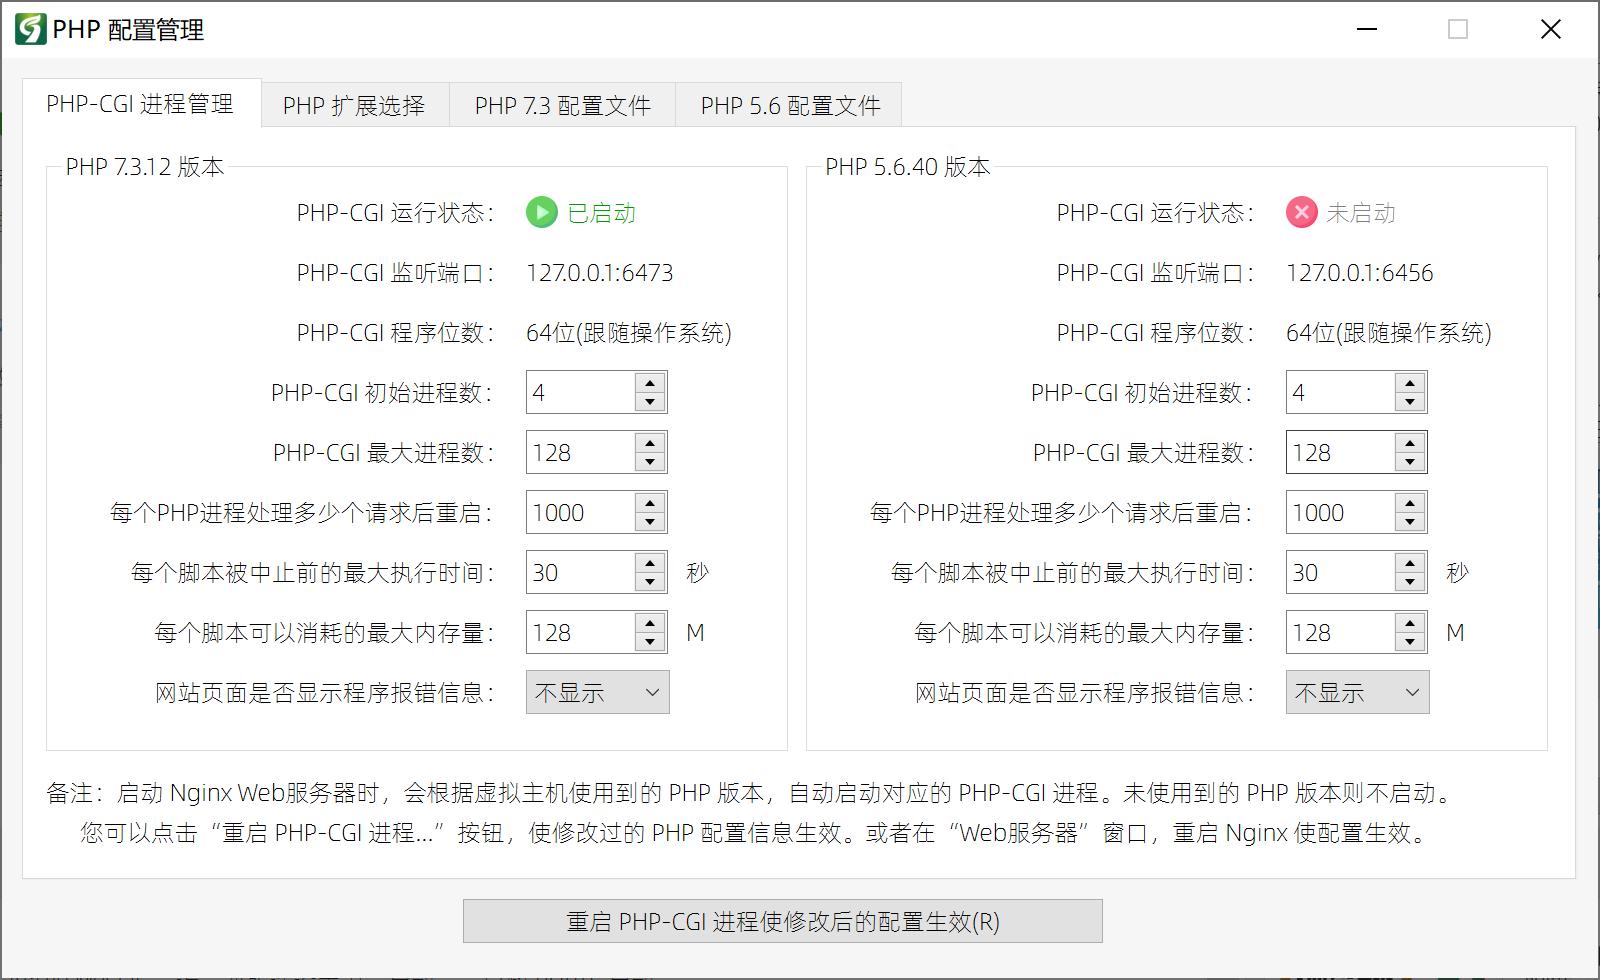 《PHPTS 1.04 版本》